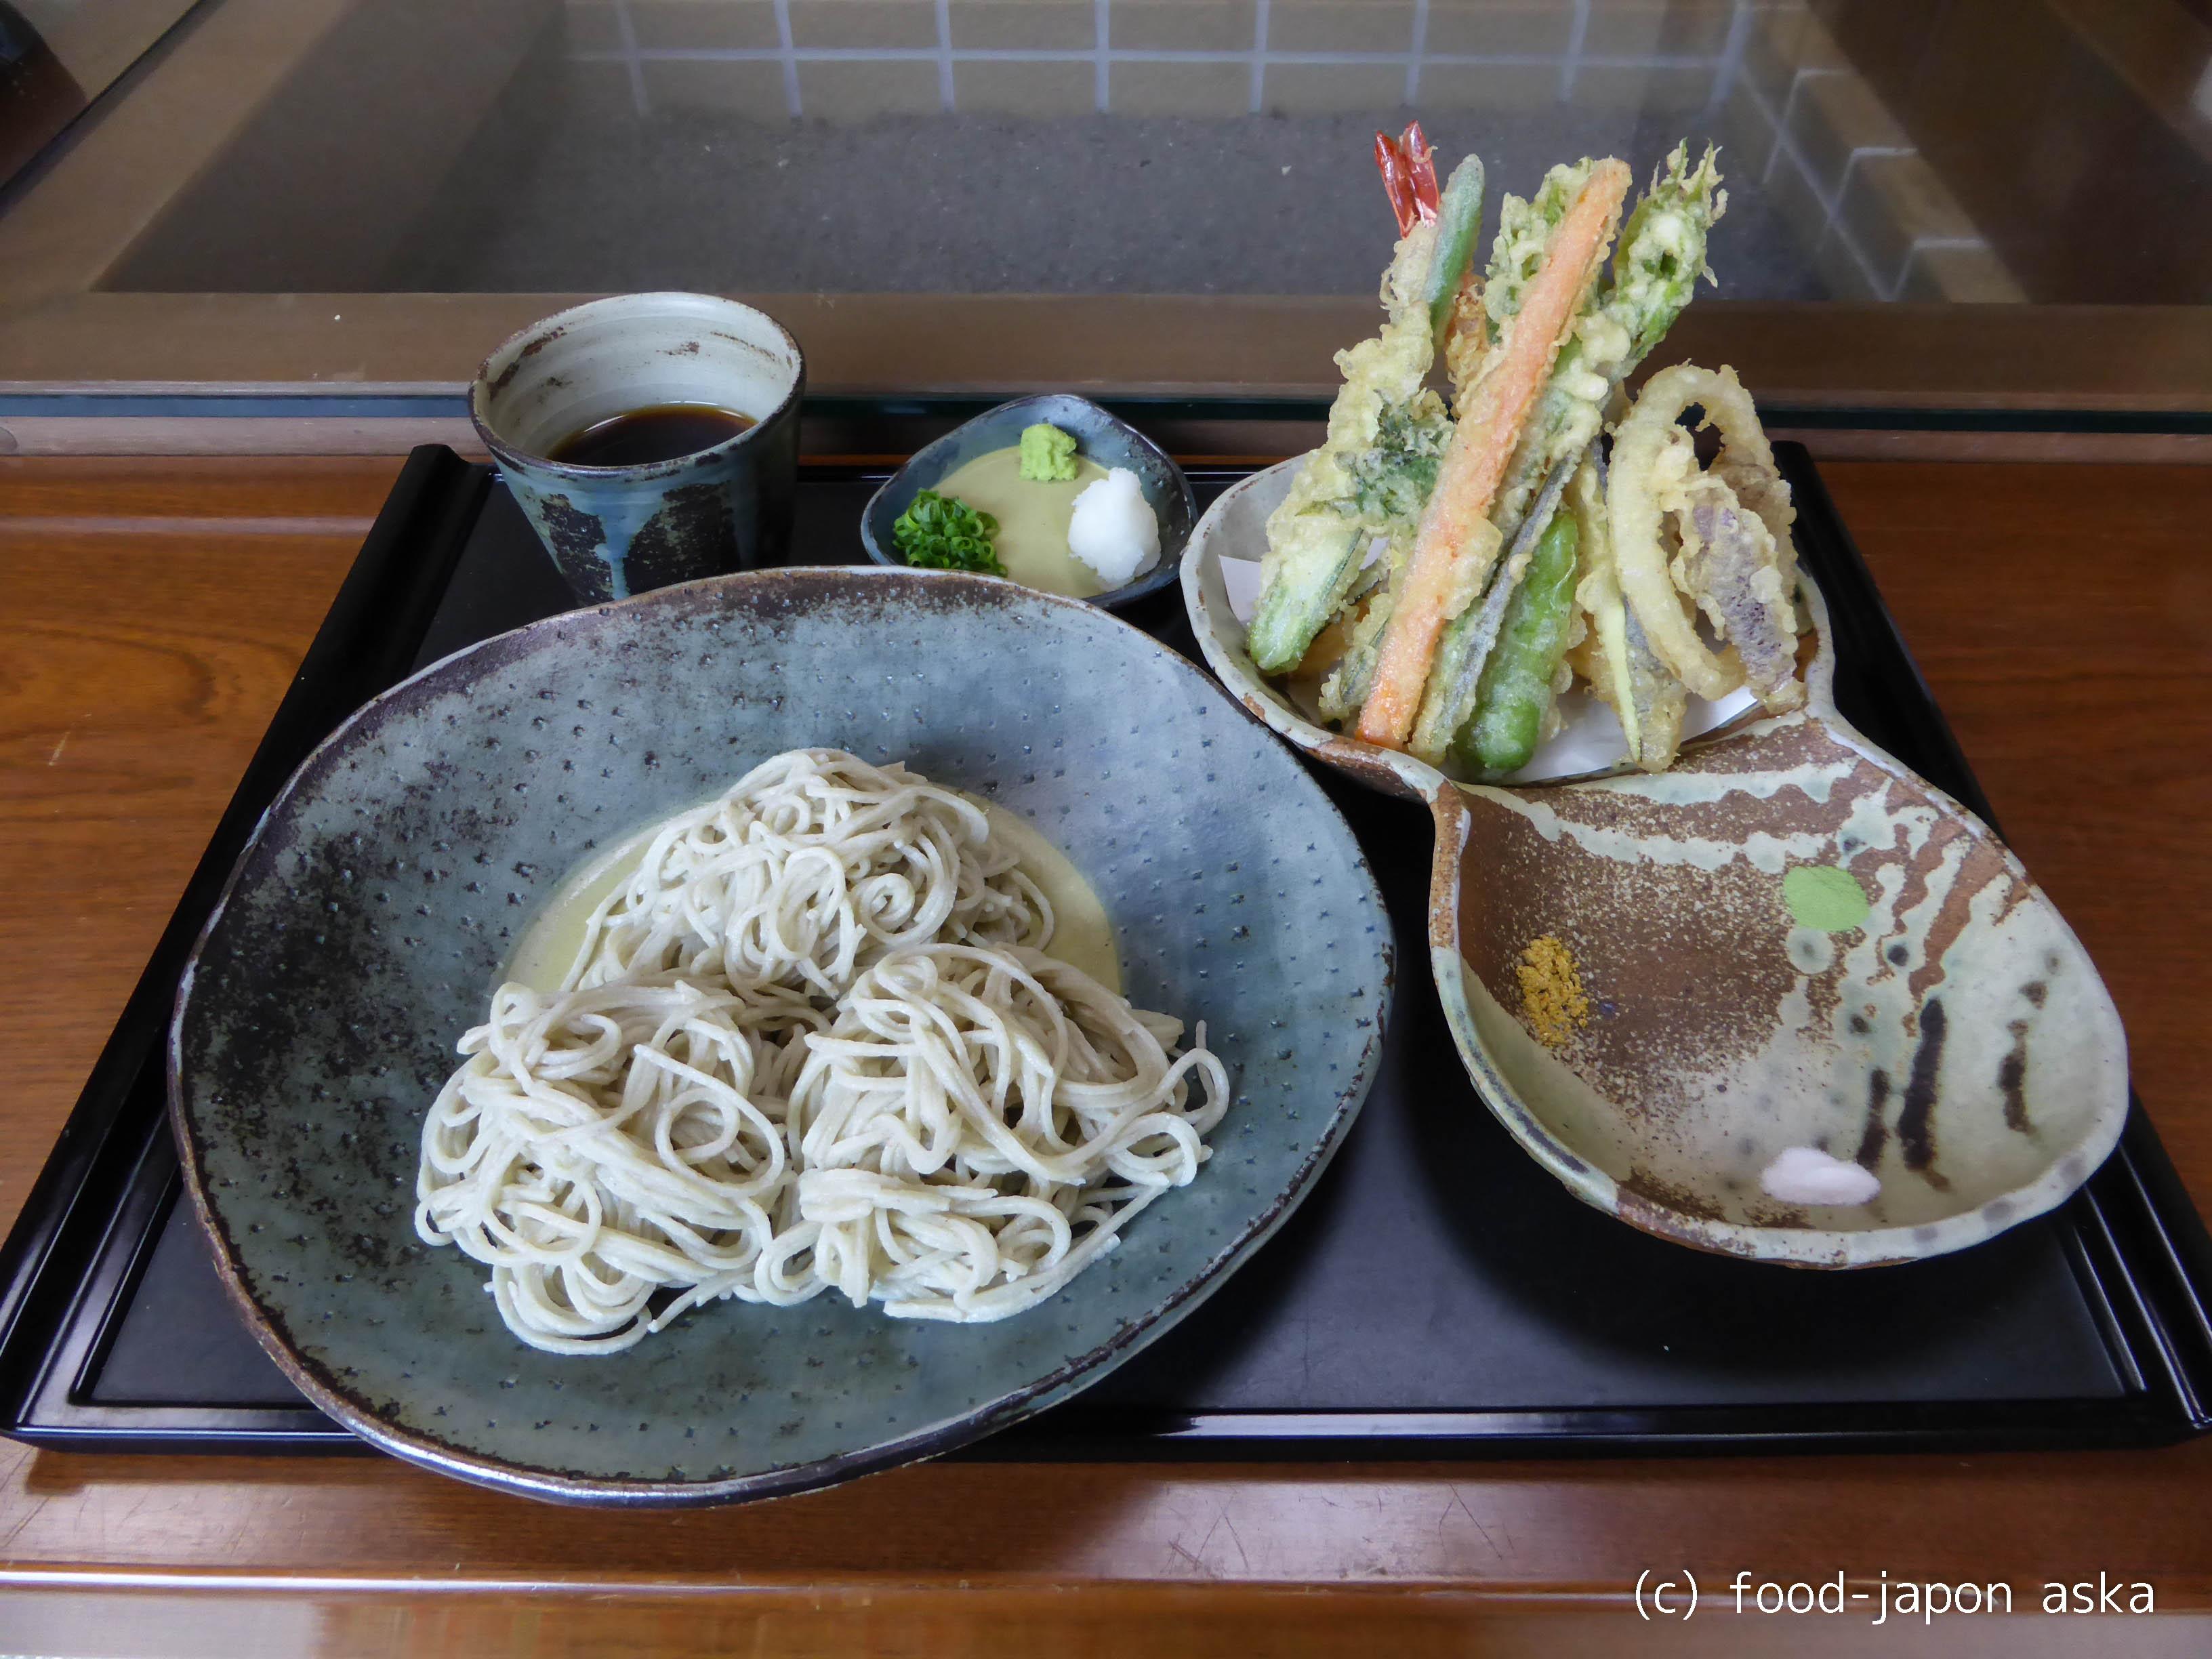 「蕎麦 宮川」石臼挽きの自家製粉を10割の生粉打ちで。金沢市の山手、別所に車を走らせて。春のタケノコも楽しみ